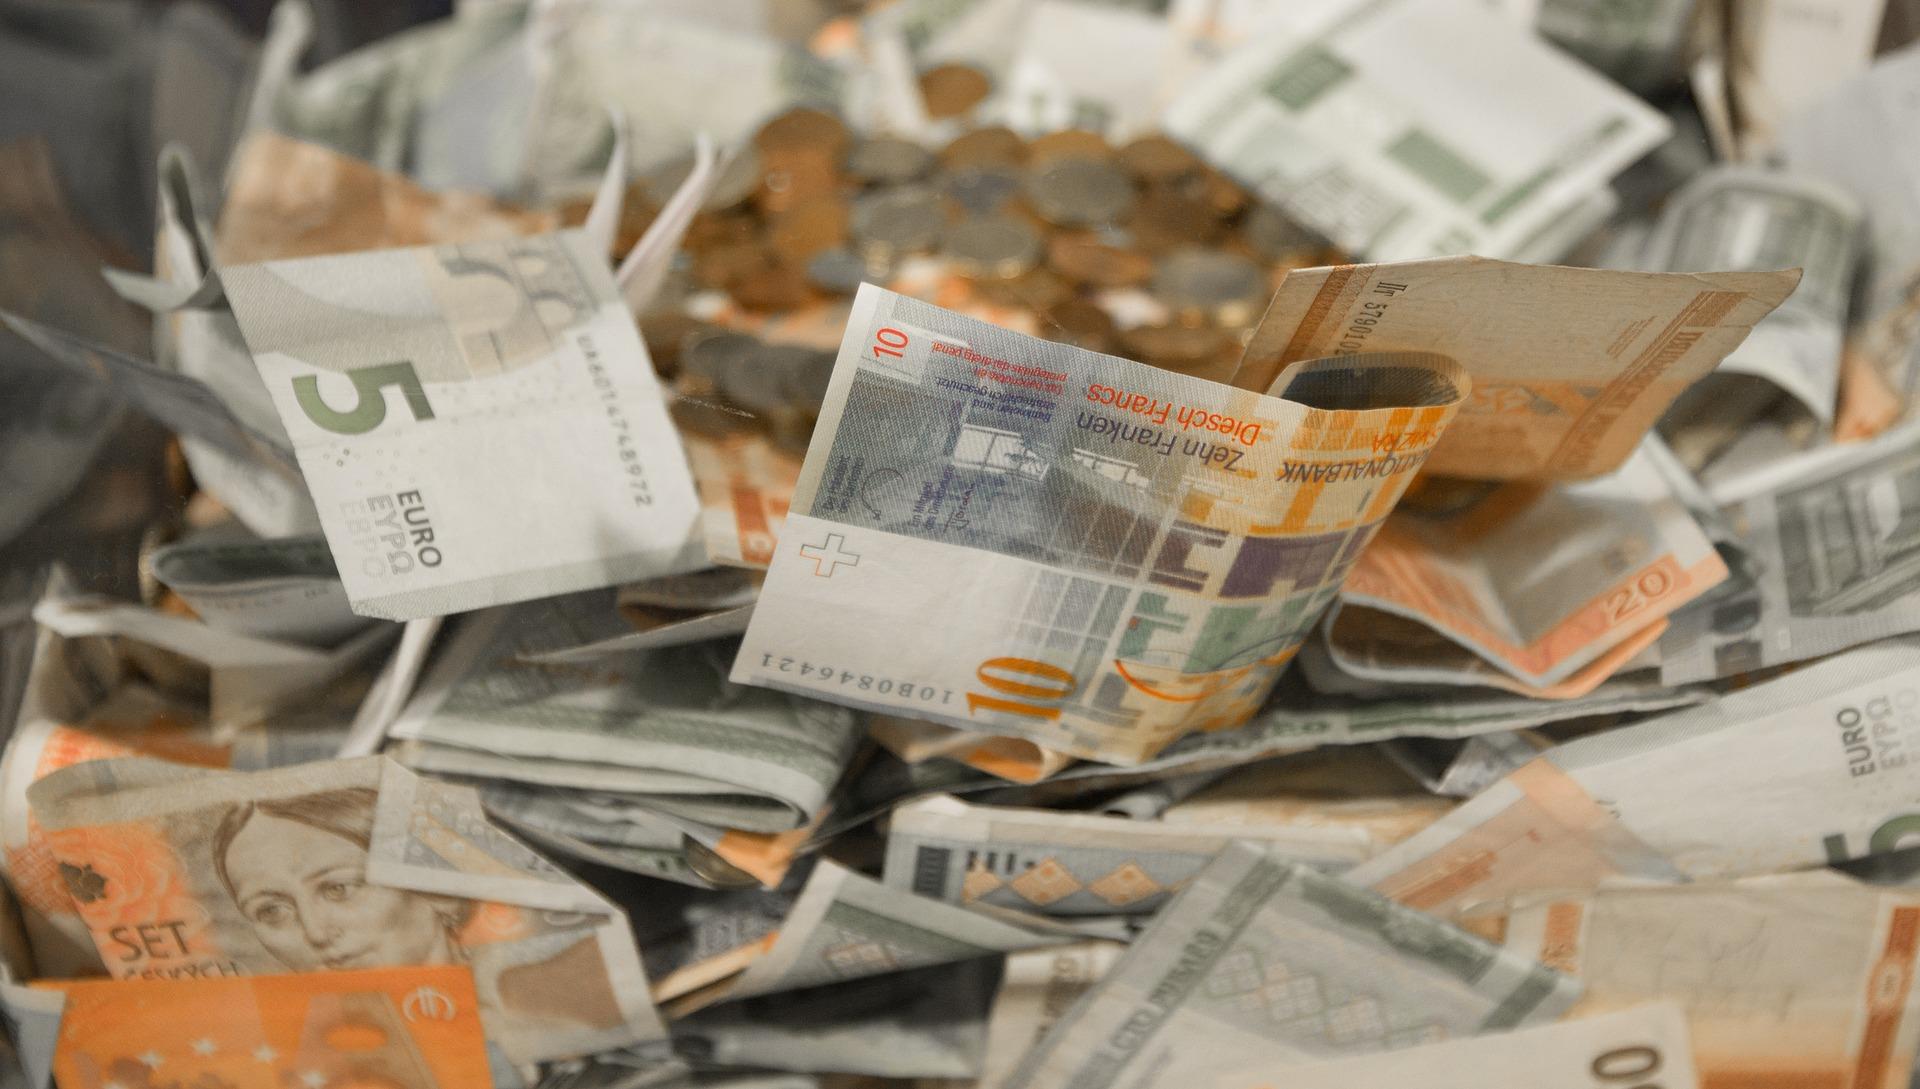 moneyהמדריך למחיקת חובות הסדרים בנקאיים